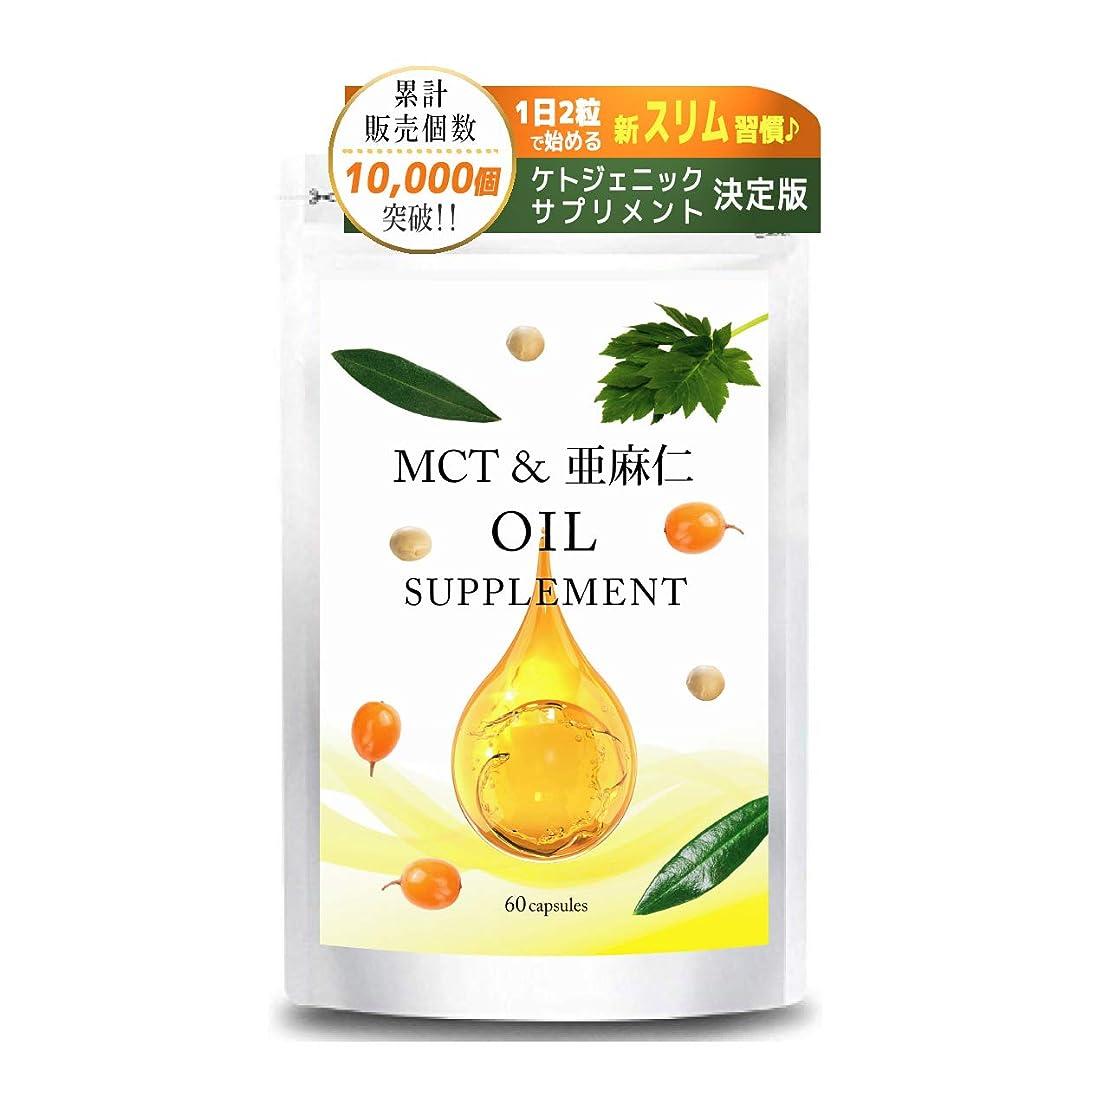 終了しました危険を冒しますオペラMCT &亜麻仁 OIL SUPPLEMENT MCT アマニ油 ケイ素 カプセル 【約1ヶ月分60粒】